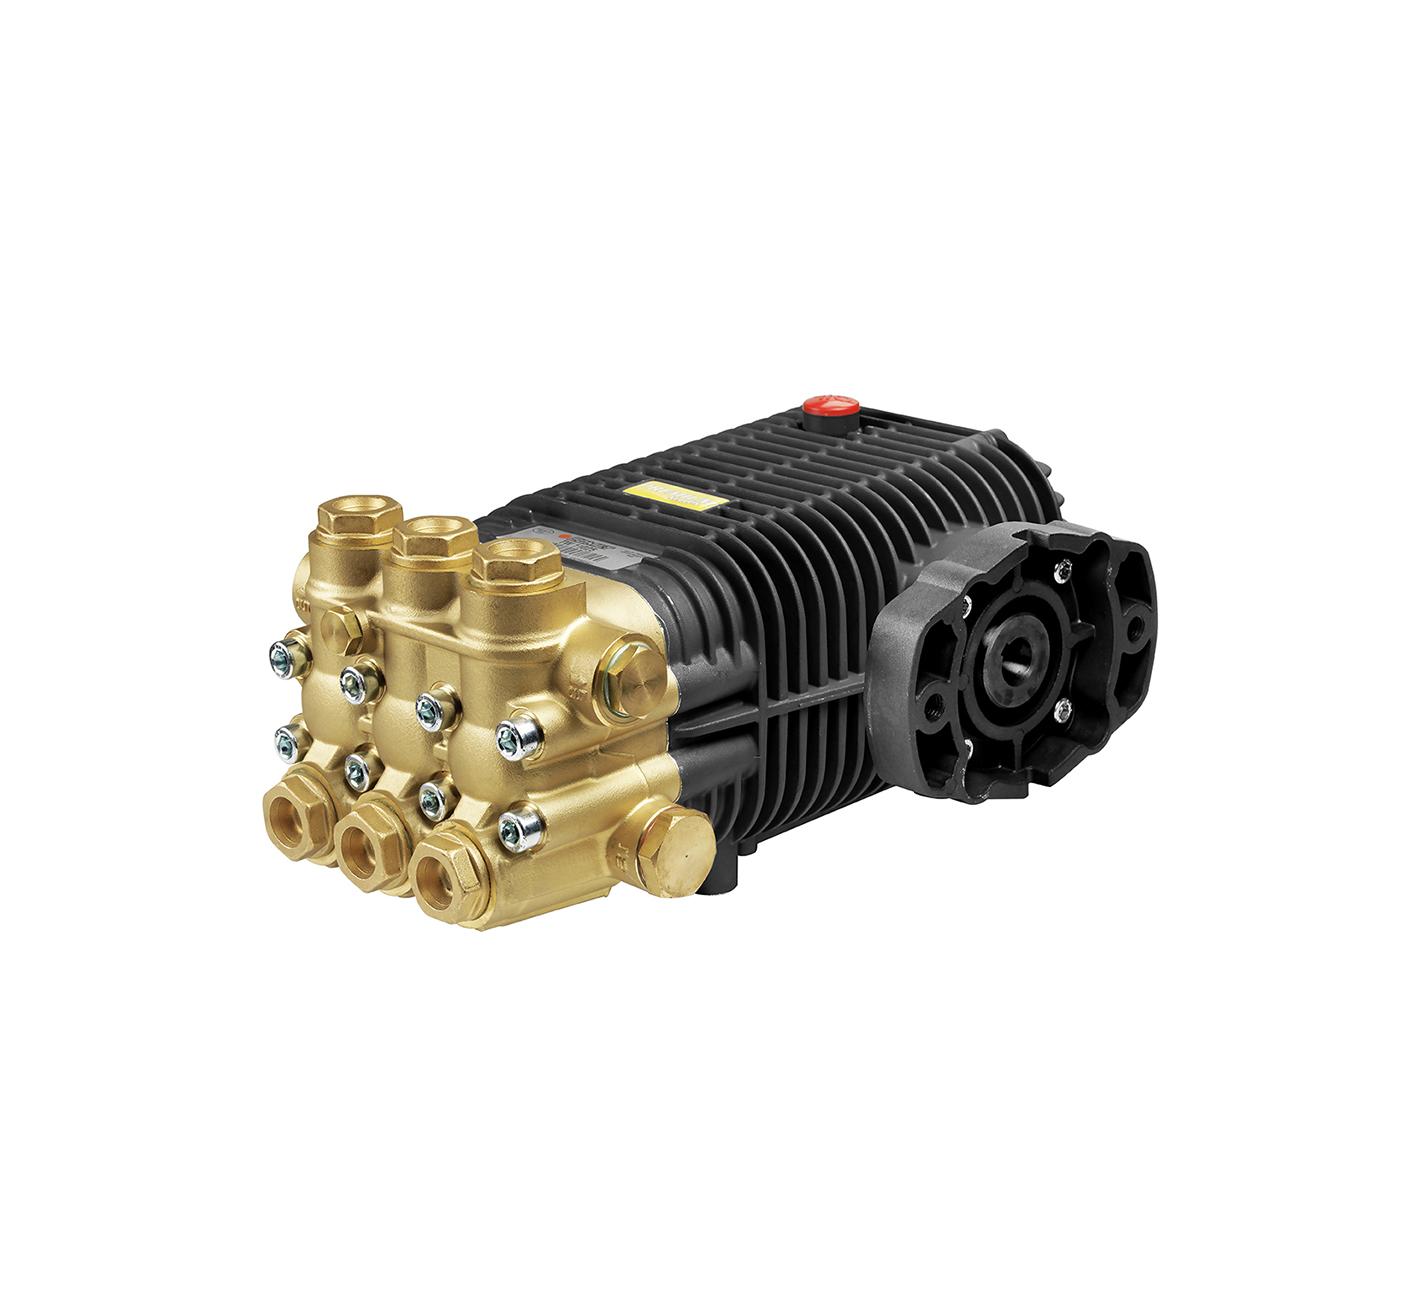 TW - H 5-8 Comet Industrial Pumps